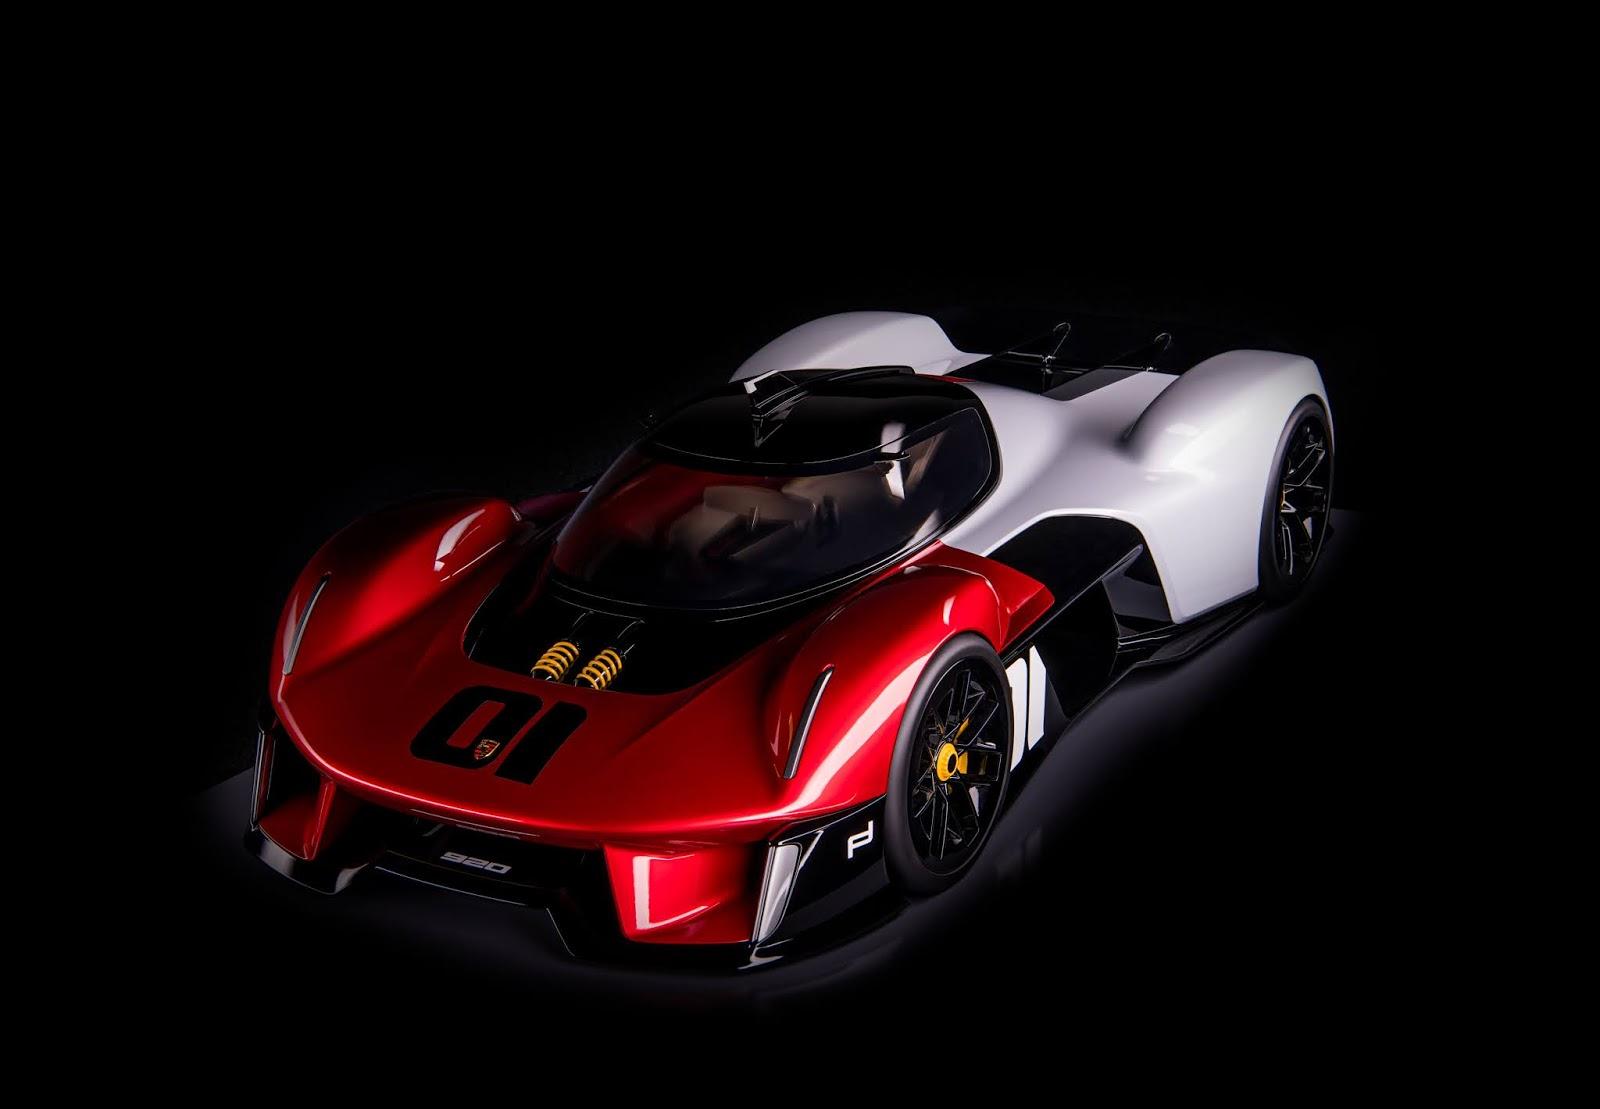 Capture0020 2 1 Τα άγνωστα Hypercars της Porsche hypercar, Porsche, Porsche Unseen, Sunday, supercar, supercars, zblog, ειδήσεις